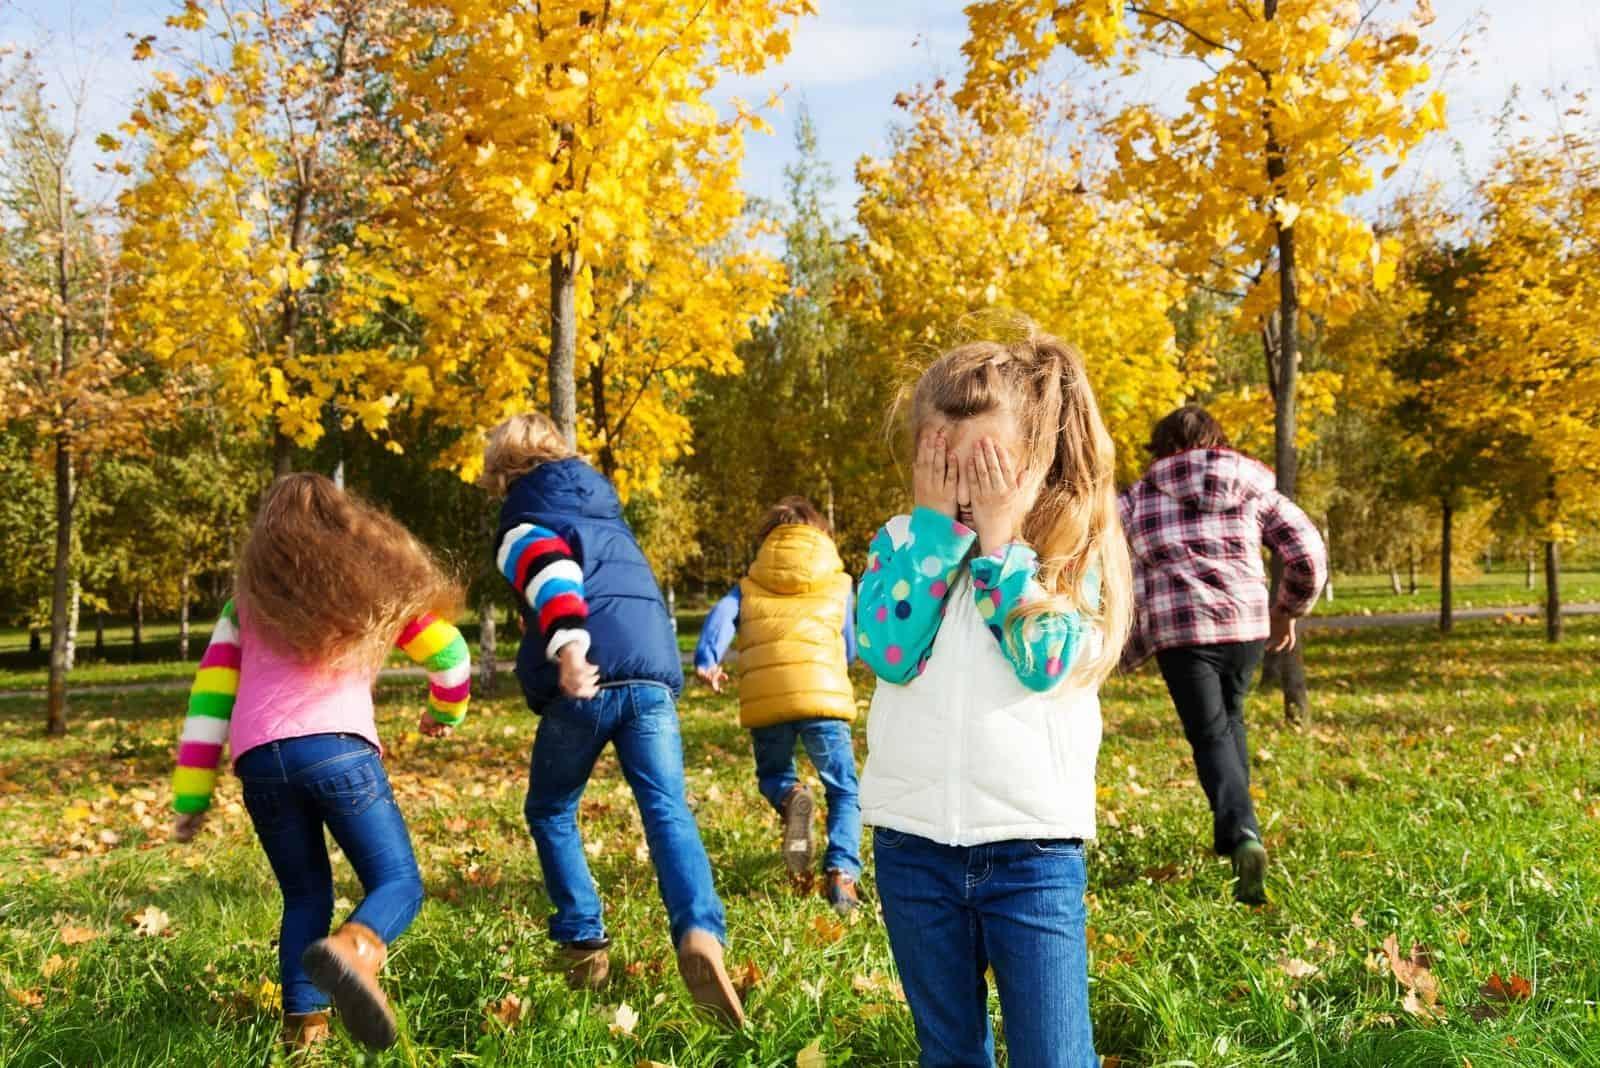 Kinder spielen Verstecken im Herbstpark